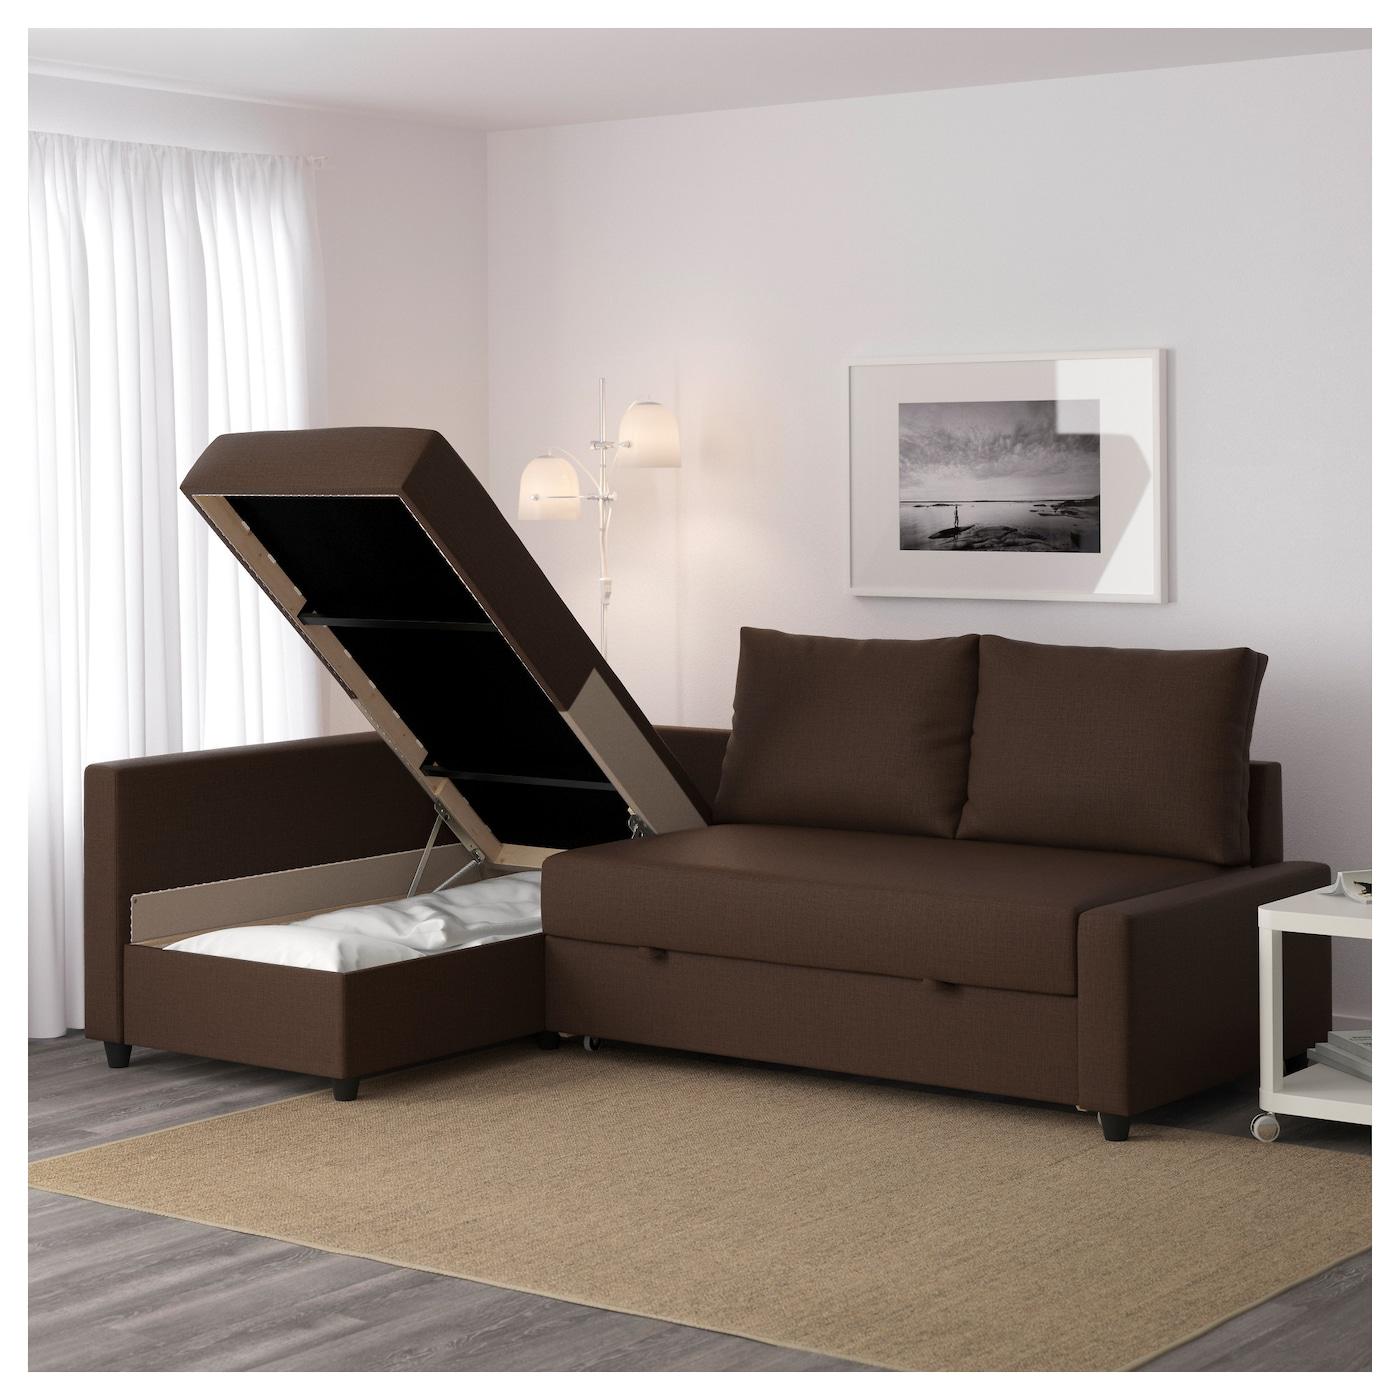 Friheten Sofa Bed Ikea Uk